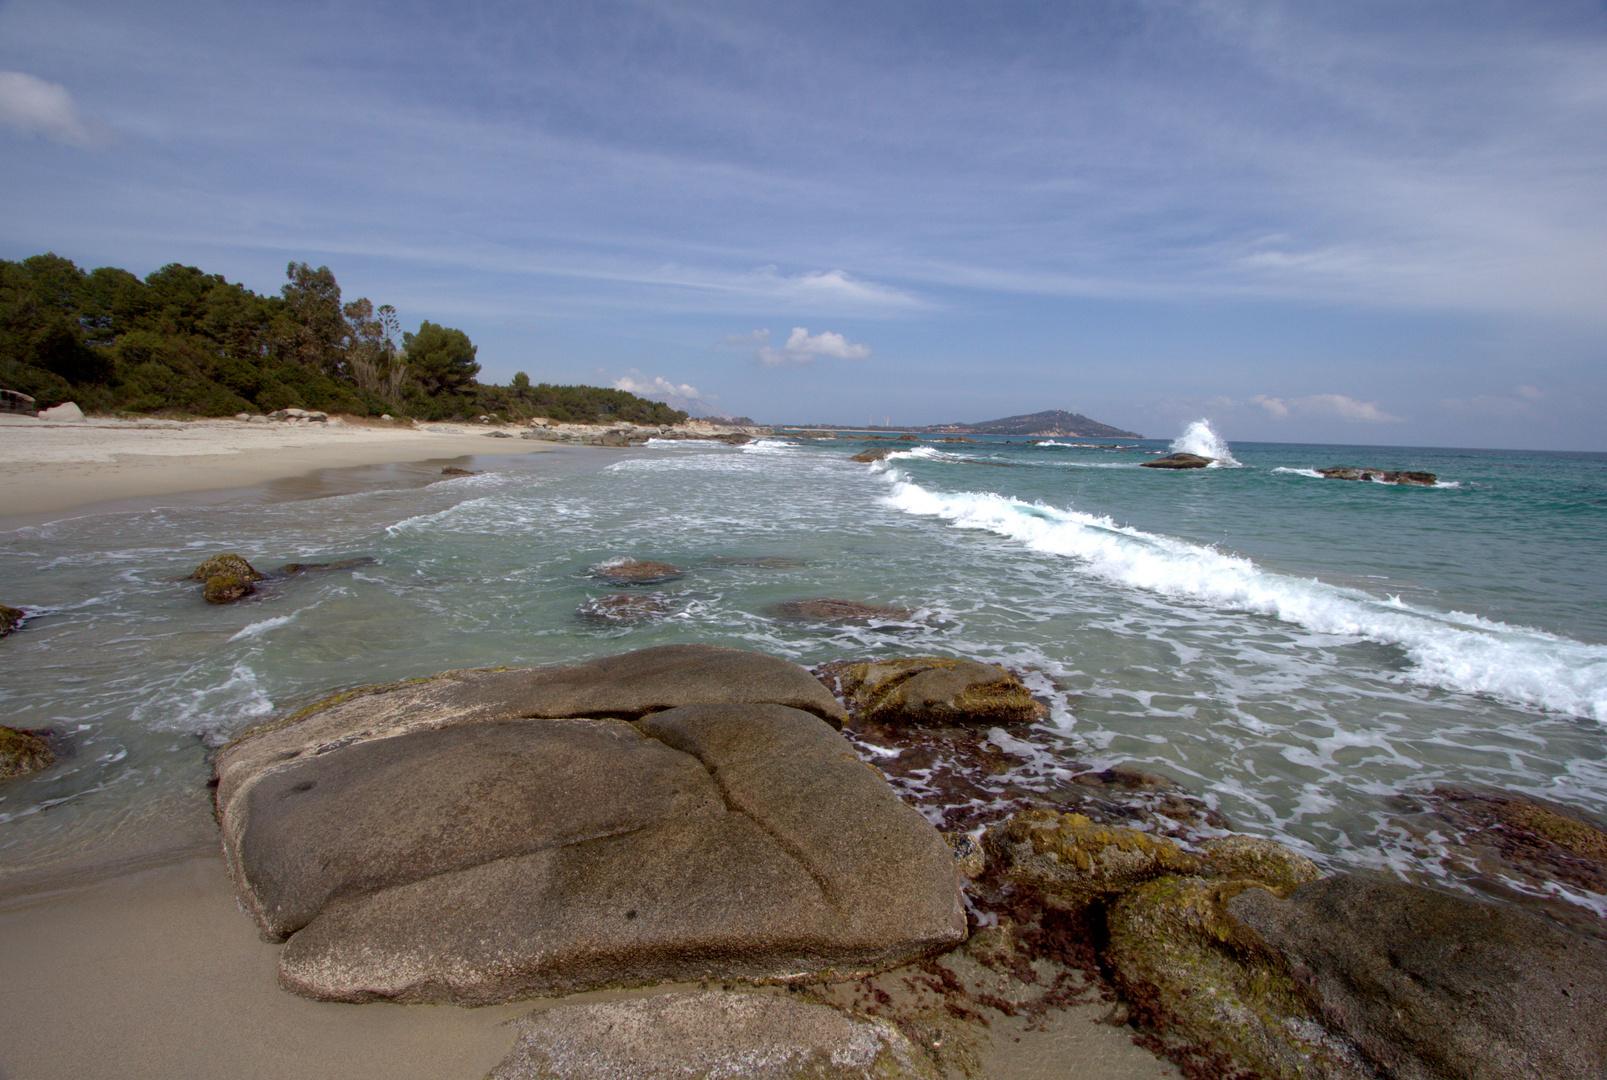 Arbatax. Capo bella vista, Sardinien